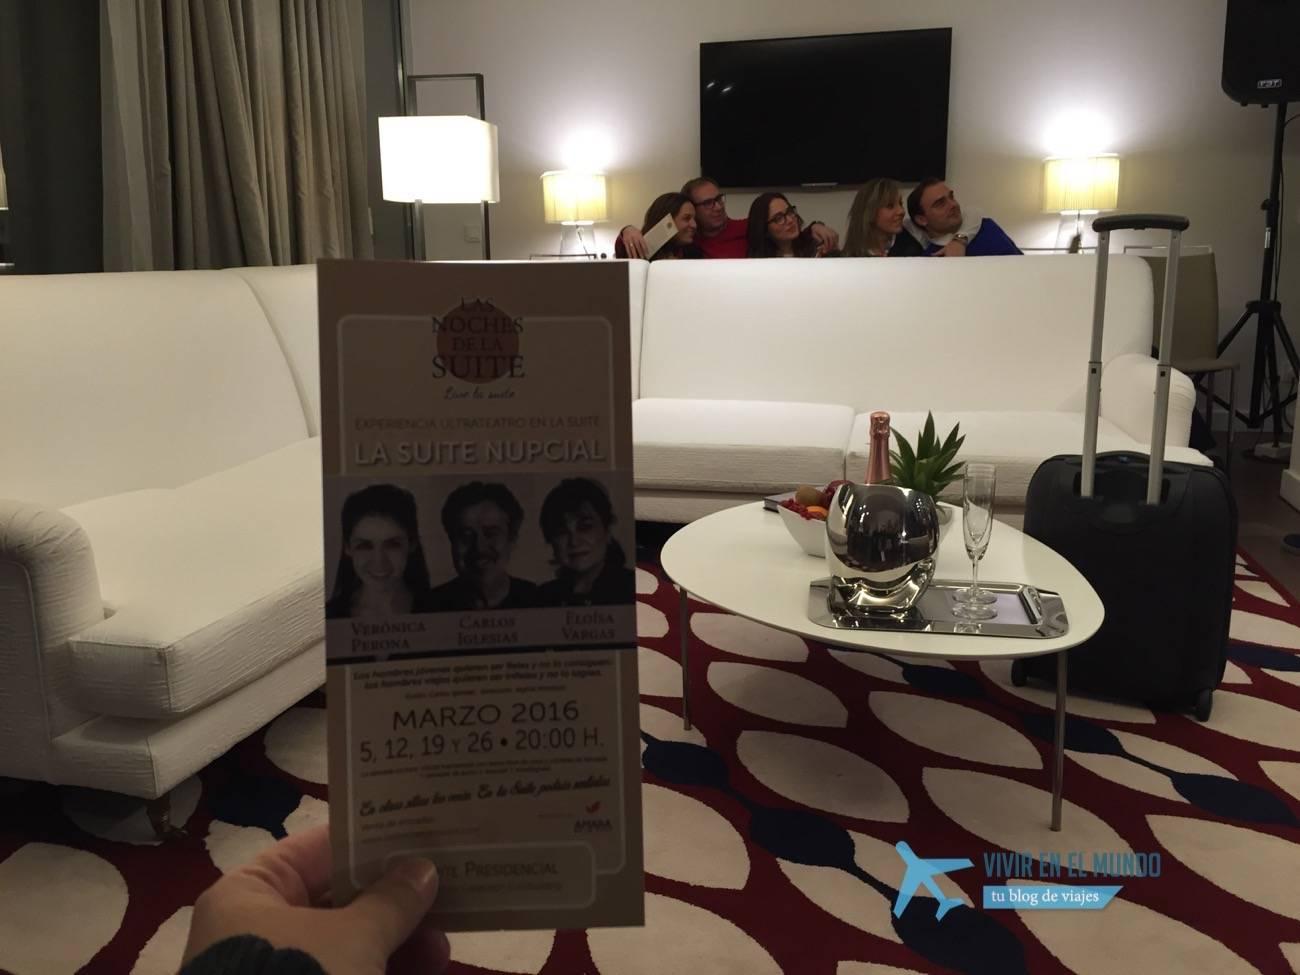 Programa de las noches de la suite - teatro